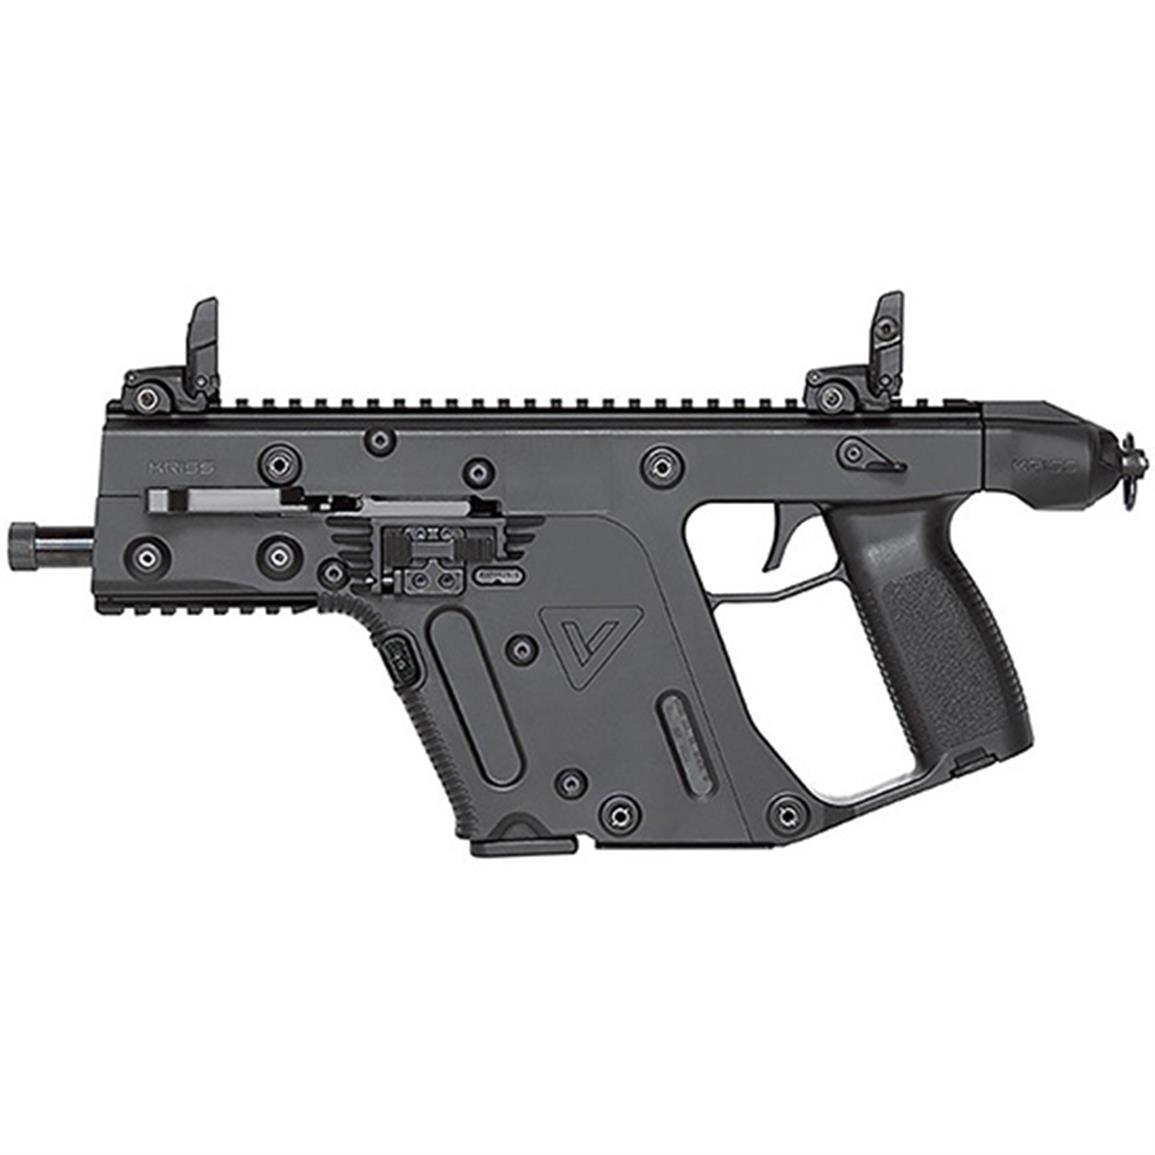 picture royalty free stock Kriss gen ii sdp. Vector firearm